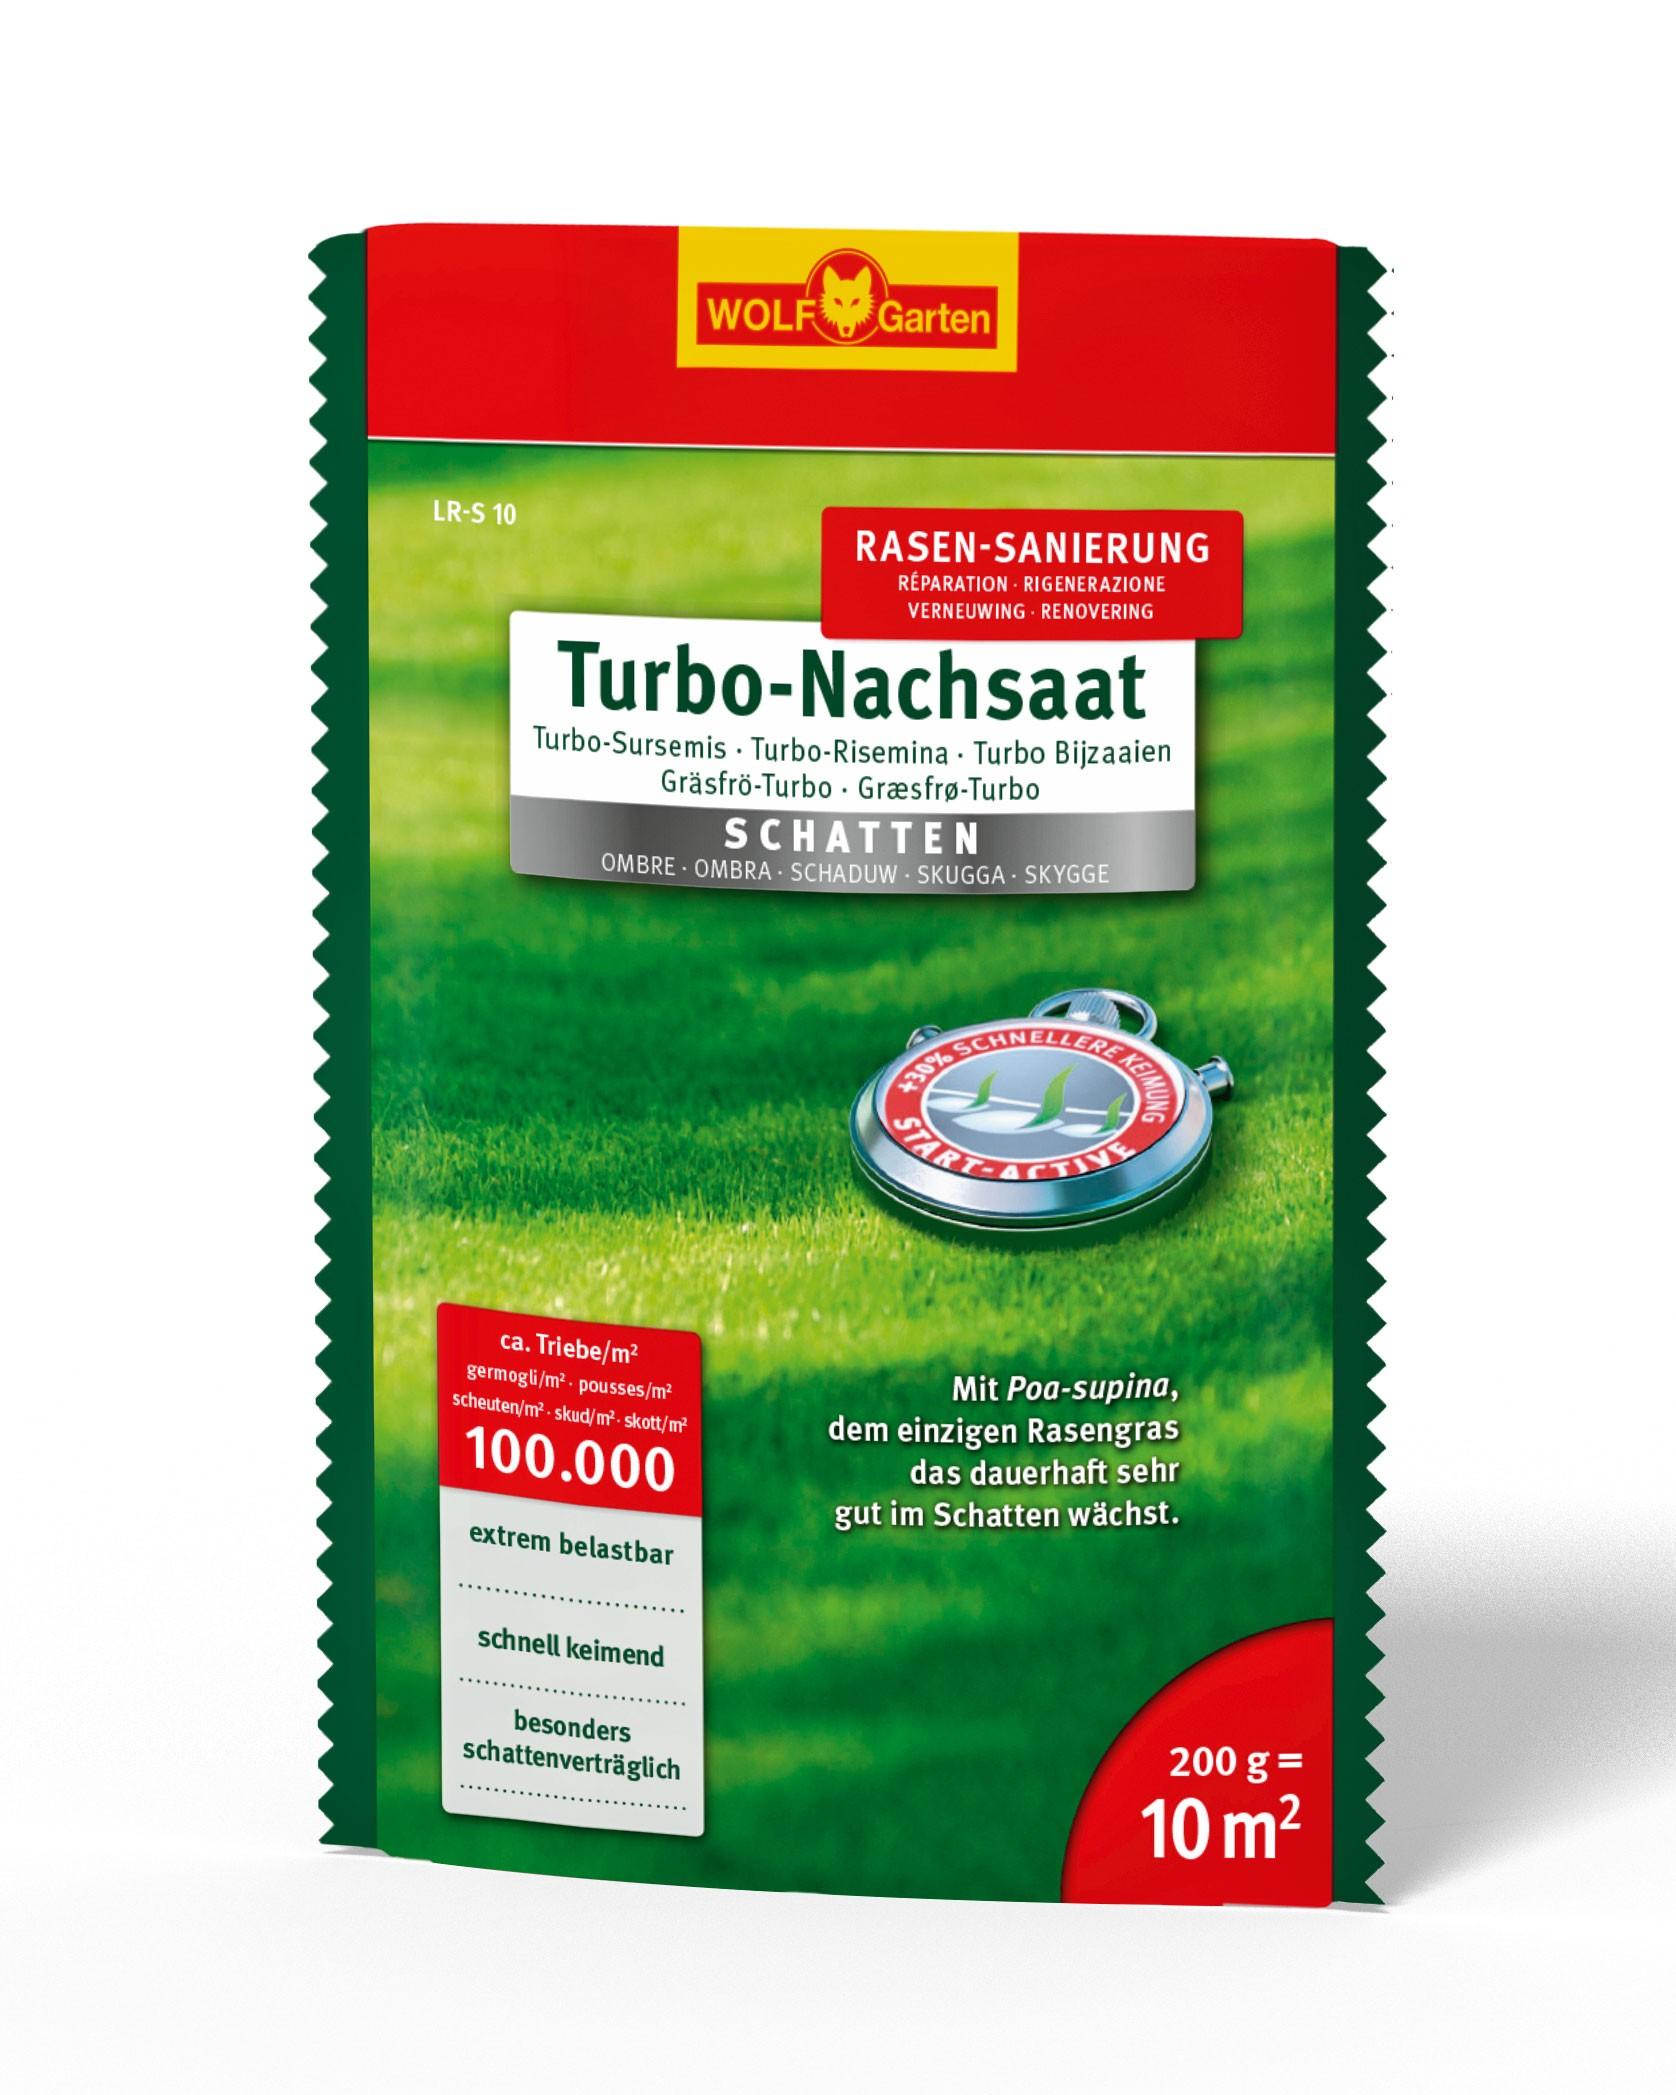 Wolf Garten Turbo Nachsaat Schatten Rasensaatgut L-RS10 für 10m² Bild 1